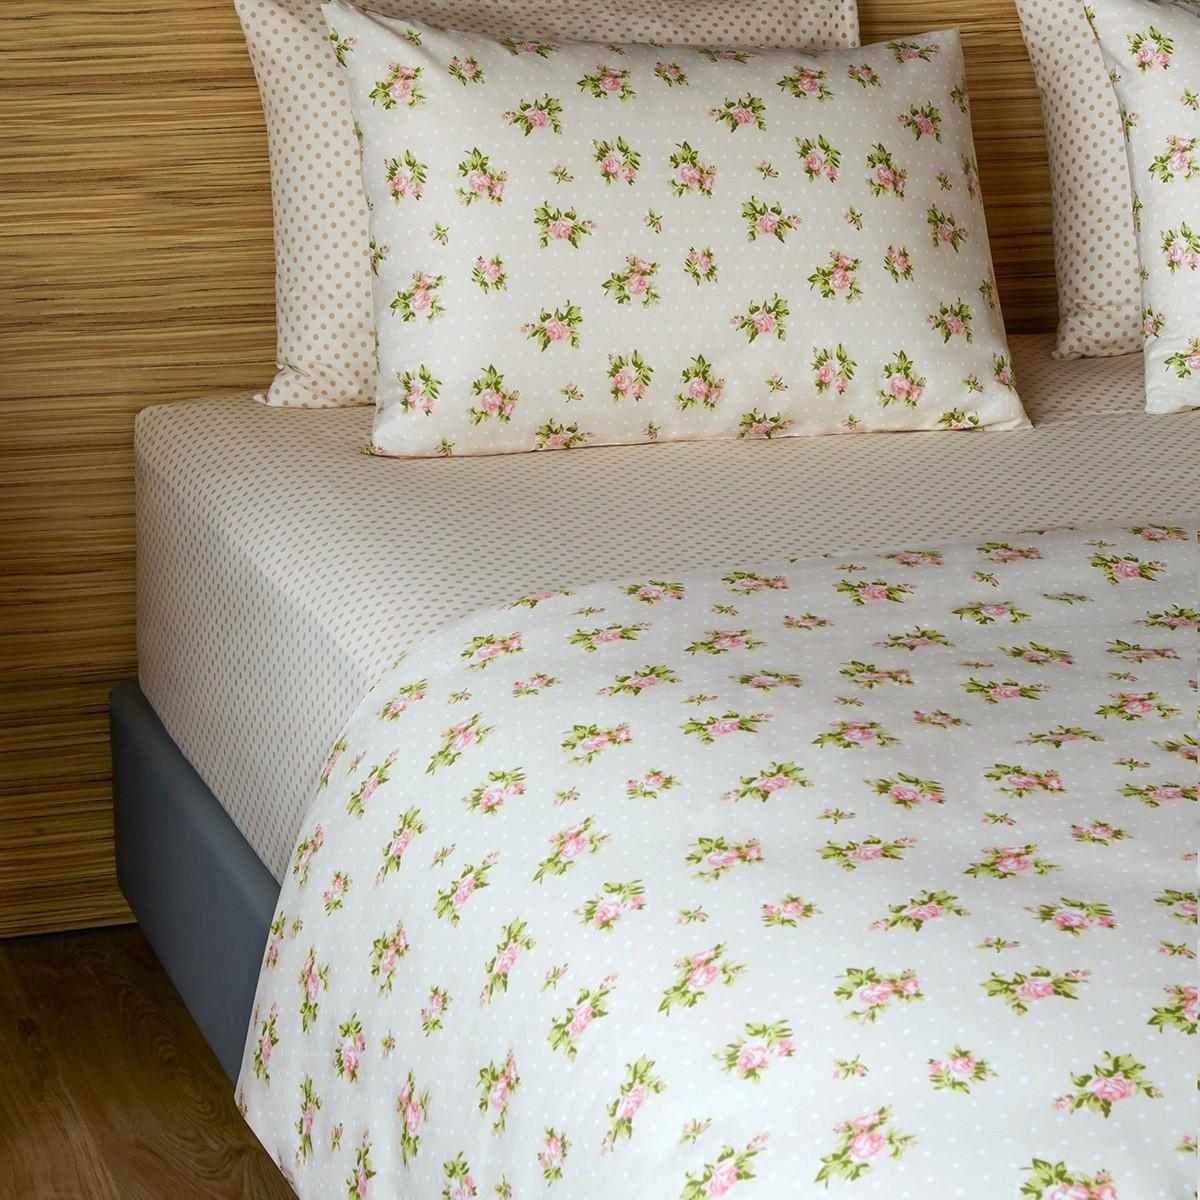 Σεντόνια Διπλά (Σετ) Melinen 12749 Beige home   κρεβατοκάμαρα   σεντόνια   σεντόνια ημίδιπλα   διπλά